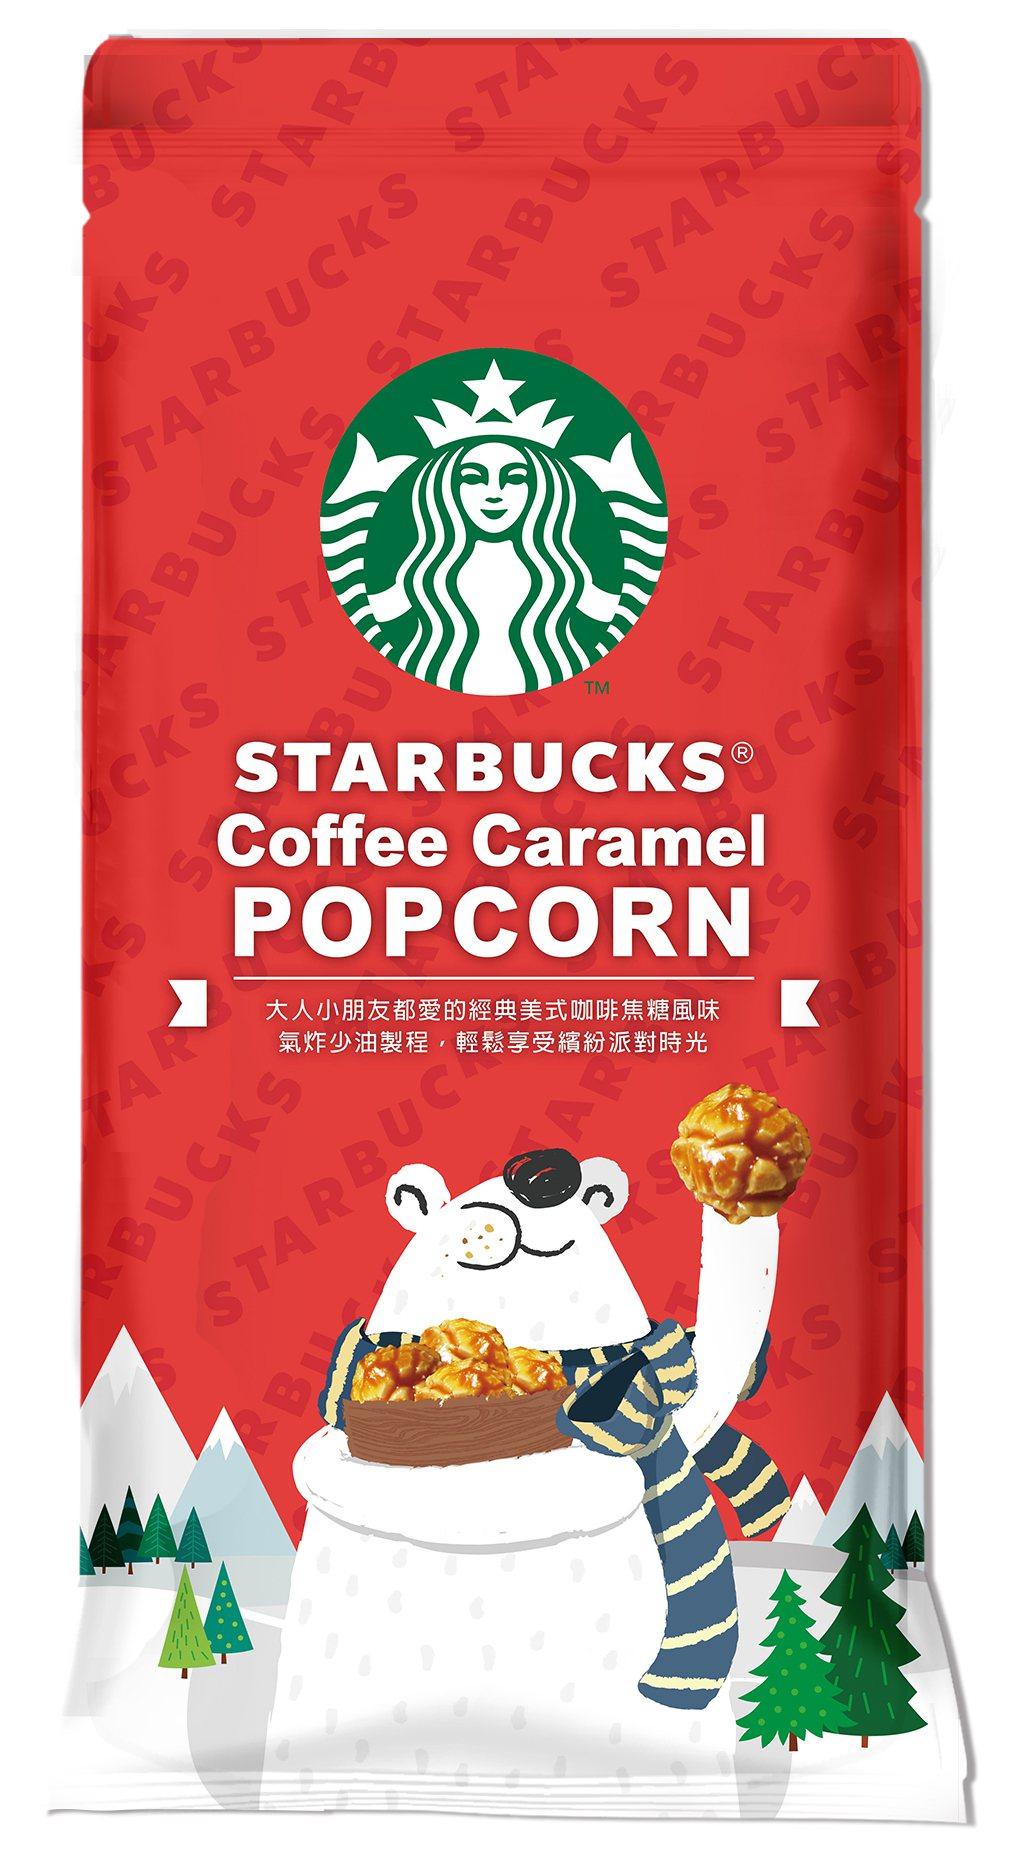 「咖啡焦糖爆米花」香甜風味有戀愛感。圖/星巴克提供